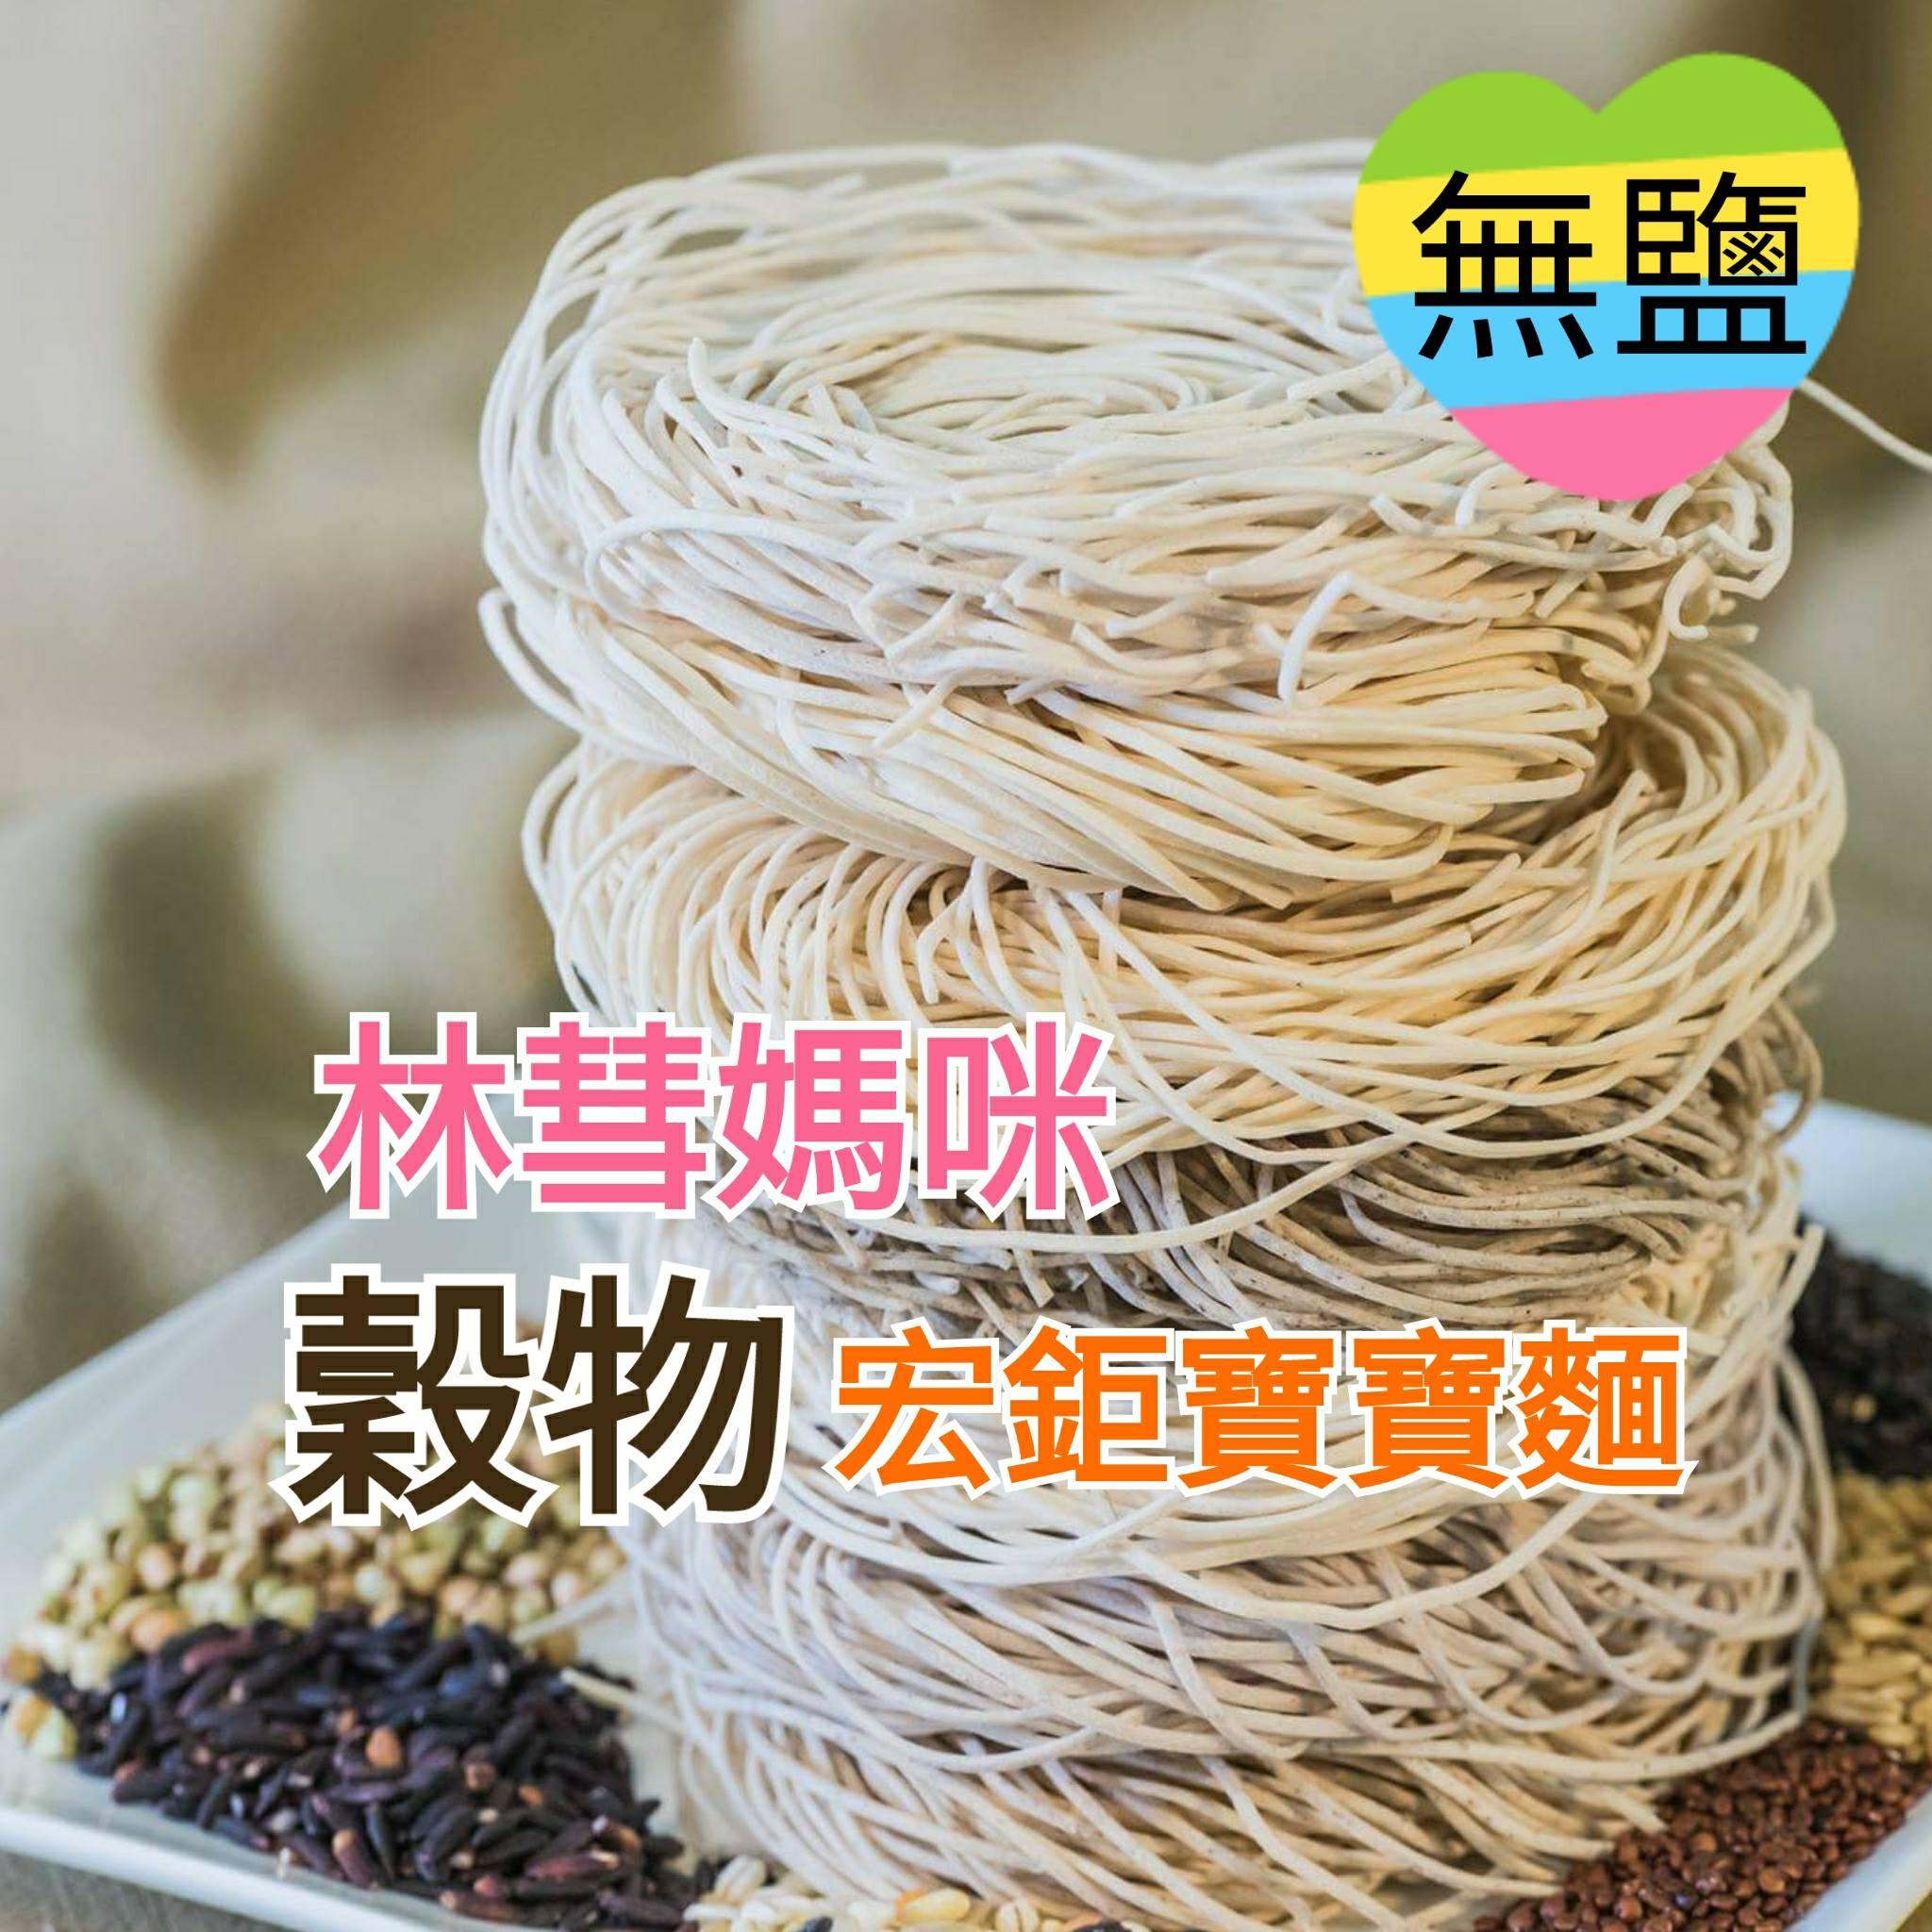 無鹽寶寶麵-穀物系列 (6入,168g±4.5%/包)寶寶粥替代 黑芝麻 四神 台灣紅藜 五穀 小麥胚芽 黃金蕎麥 燕麥 紫米